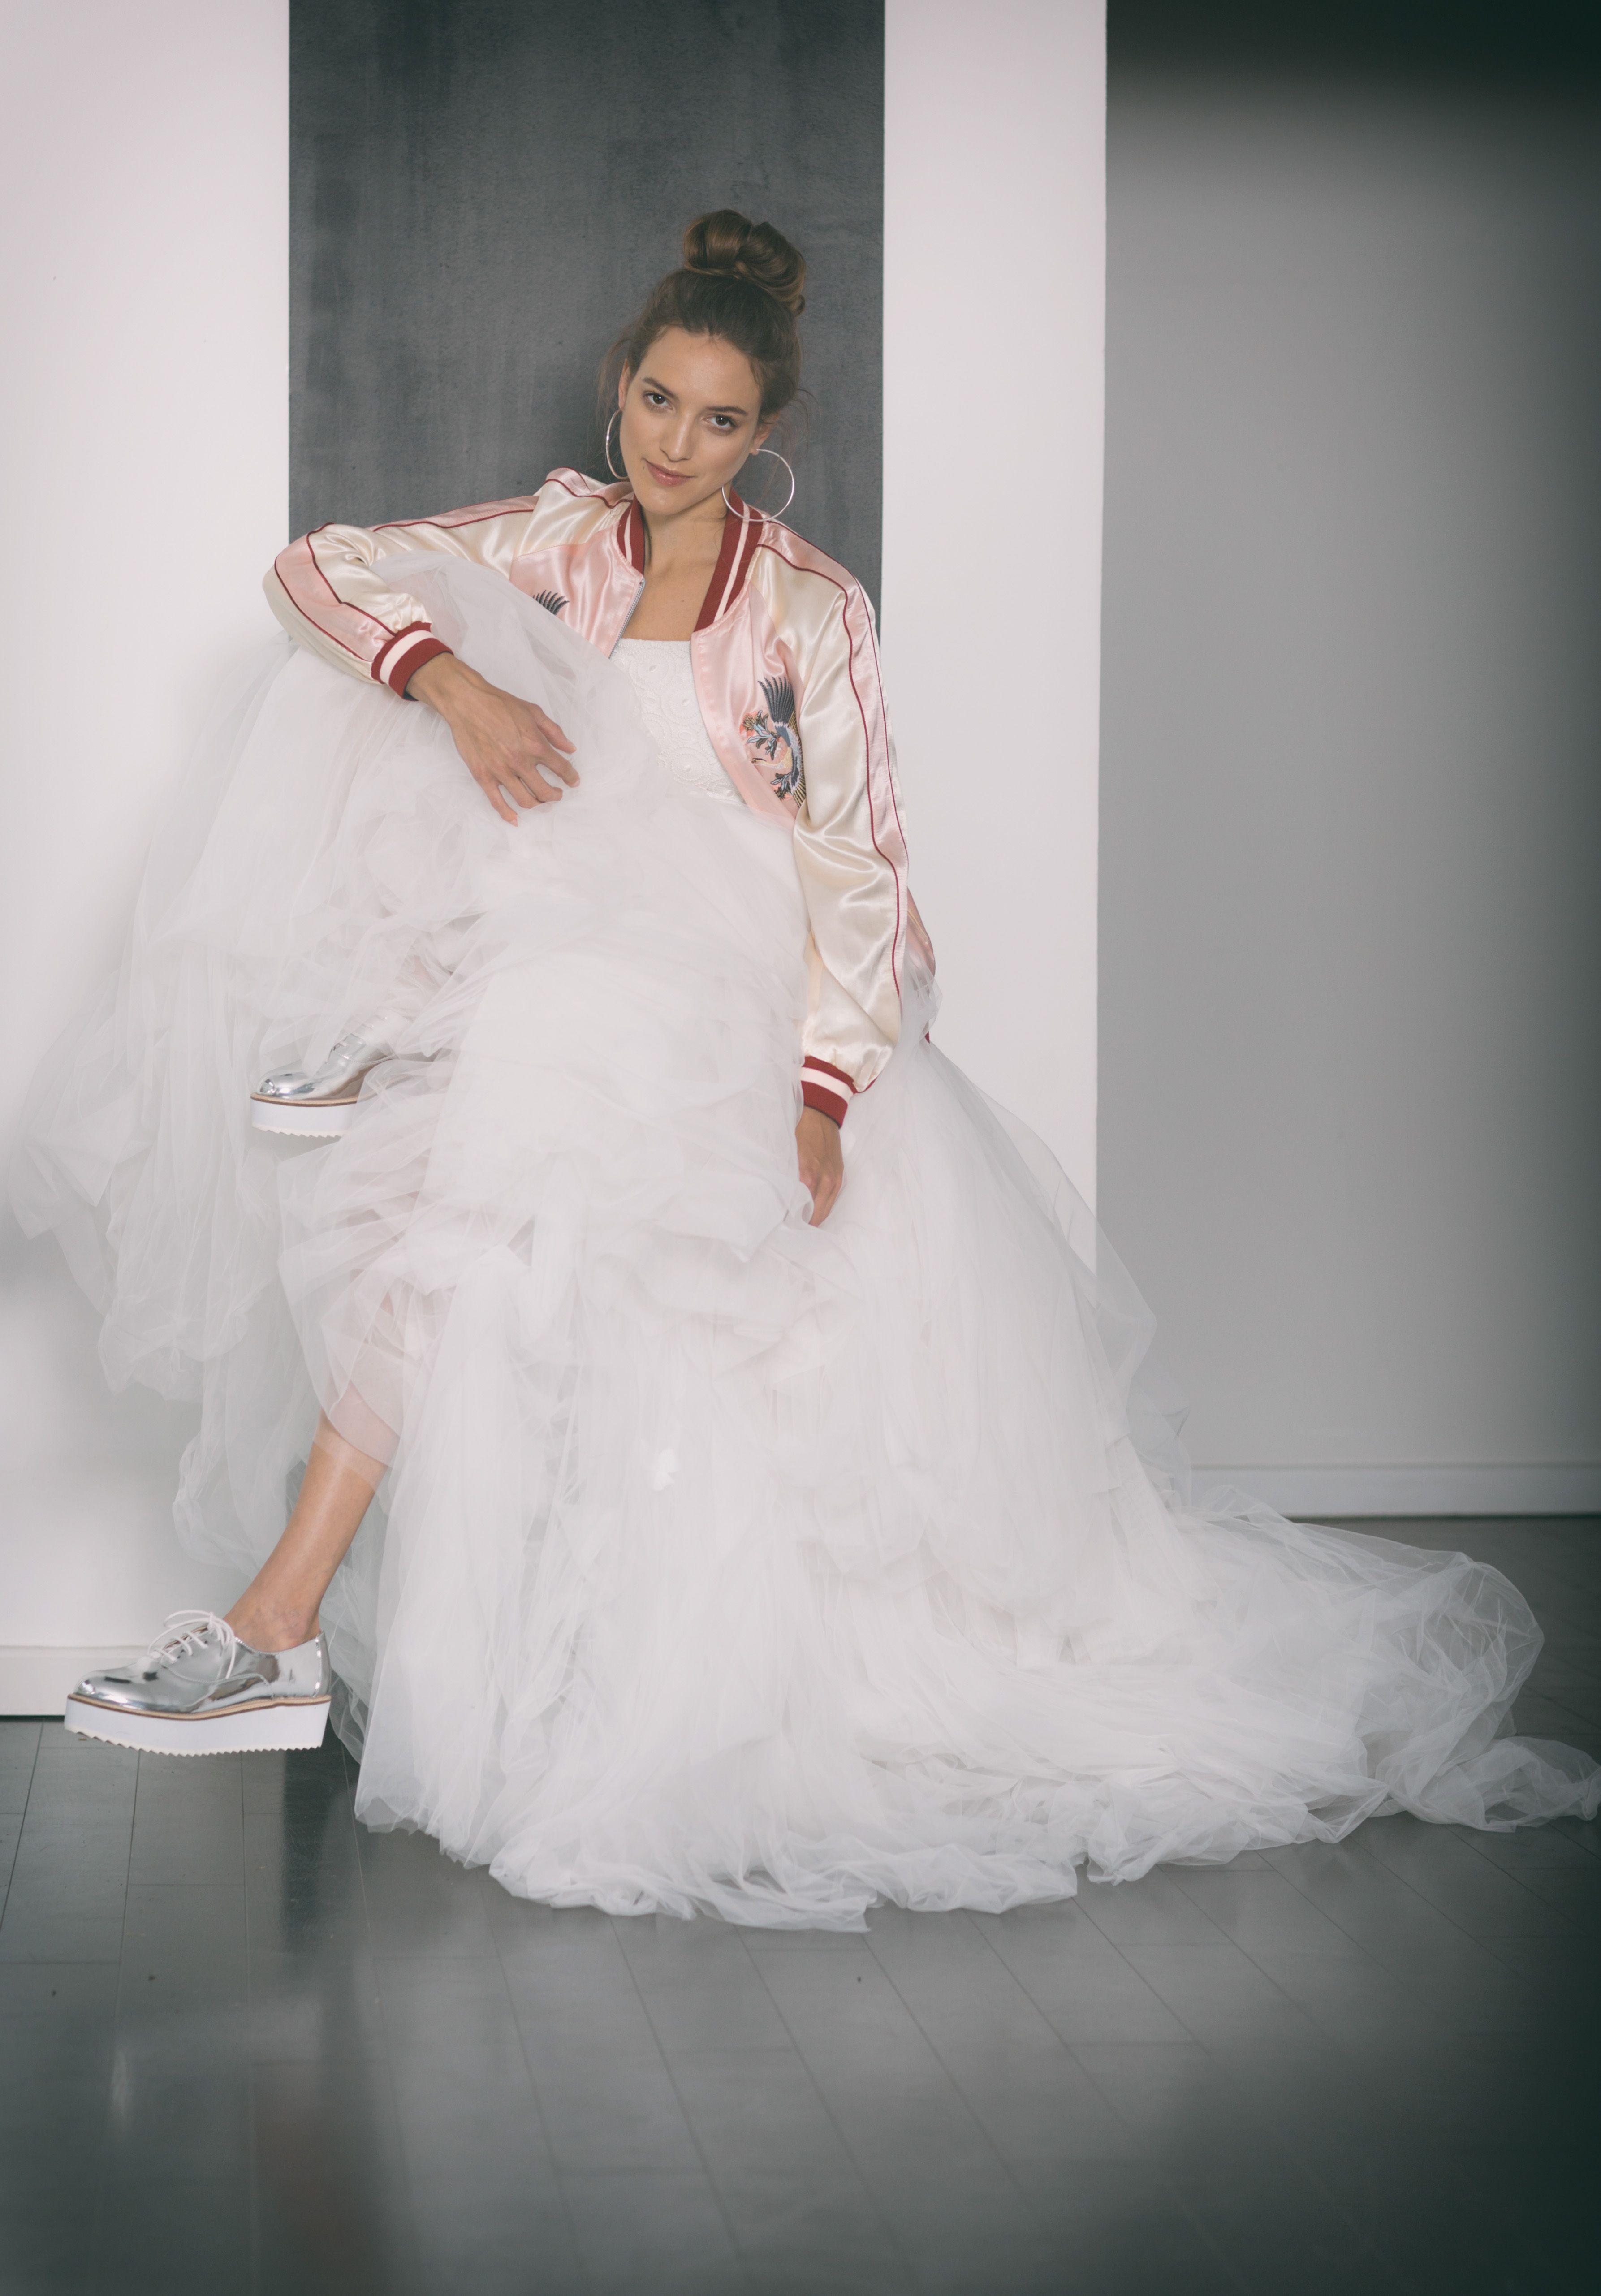 Look: THE COOL BRIDE // Brautkleid: ROMINA // Stylist: Karolina